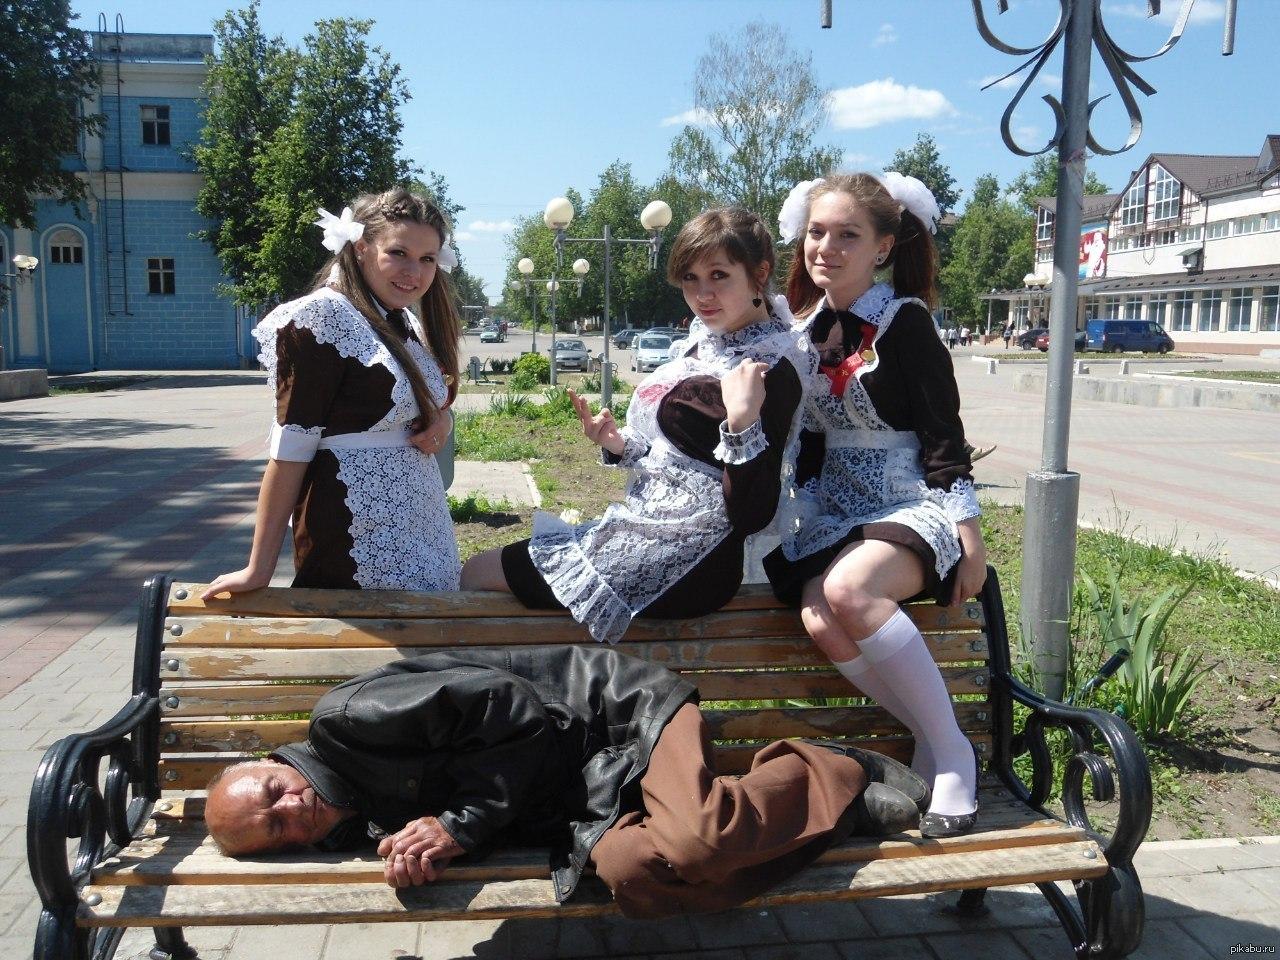 Спящие неодыкватные пьяные сумасшедшие женщины 7 фотография